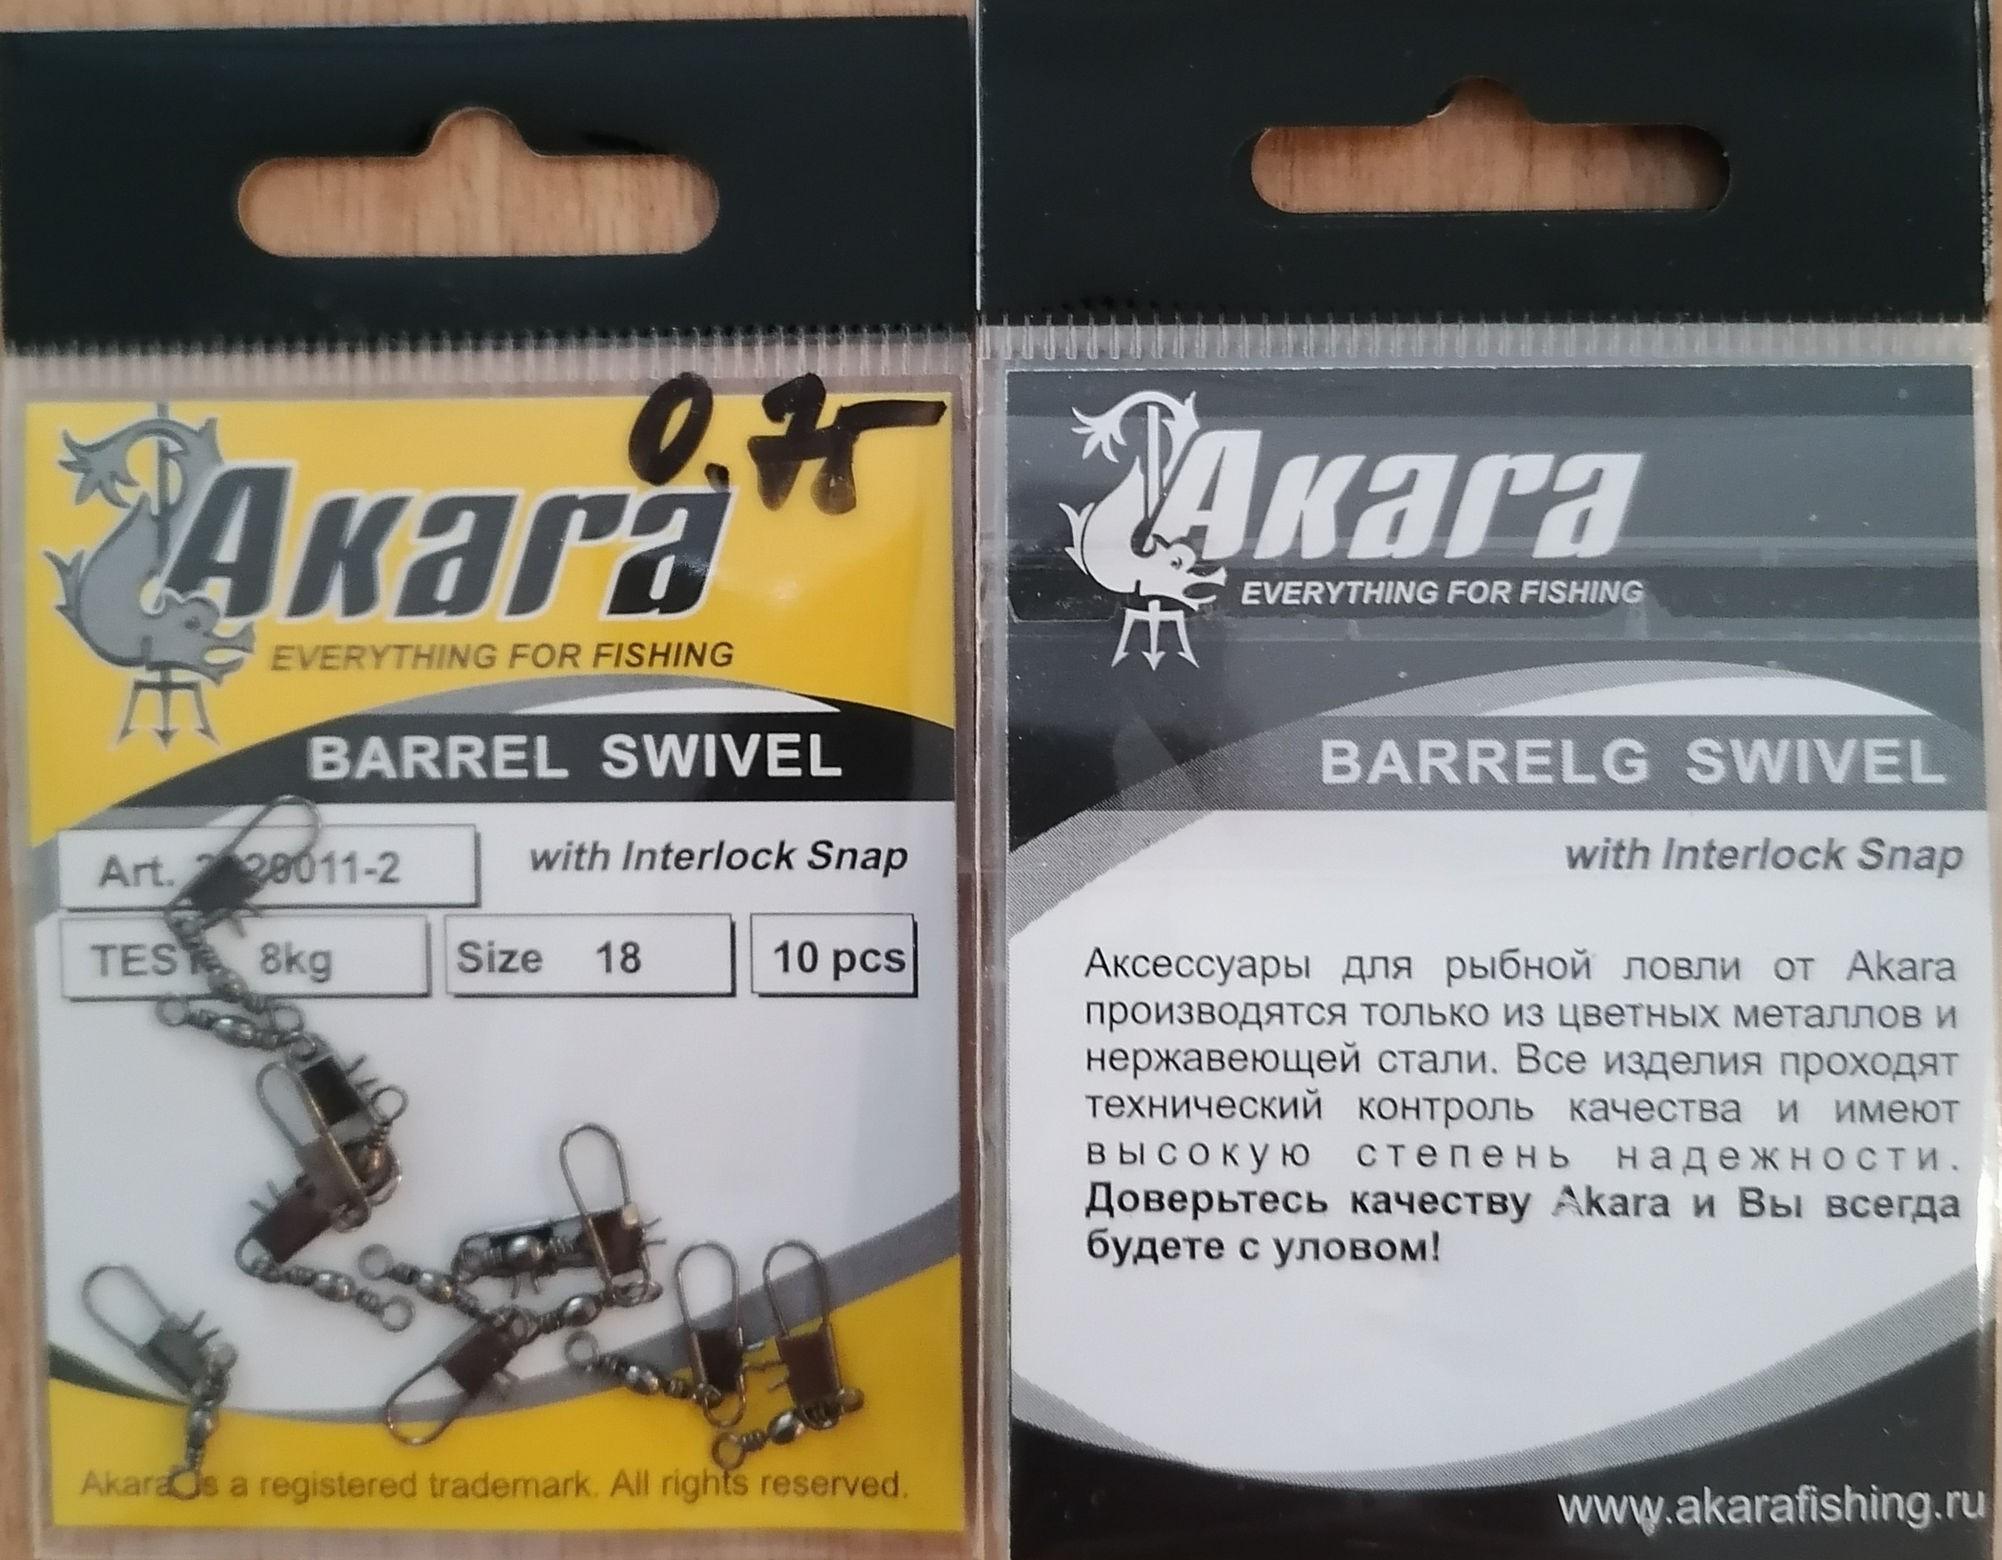 Griezulis AKARA 32200-11 ar sakabi (Nr. 18, test 8kg iep. 10 gab.)